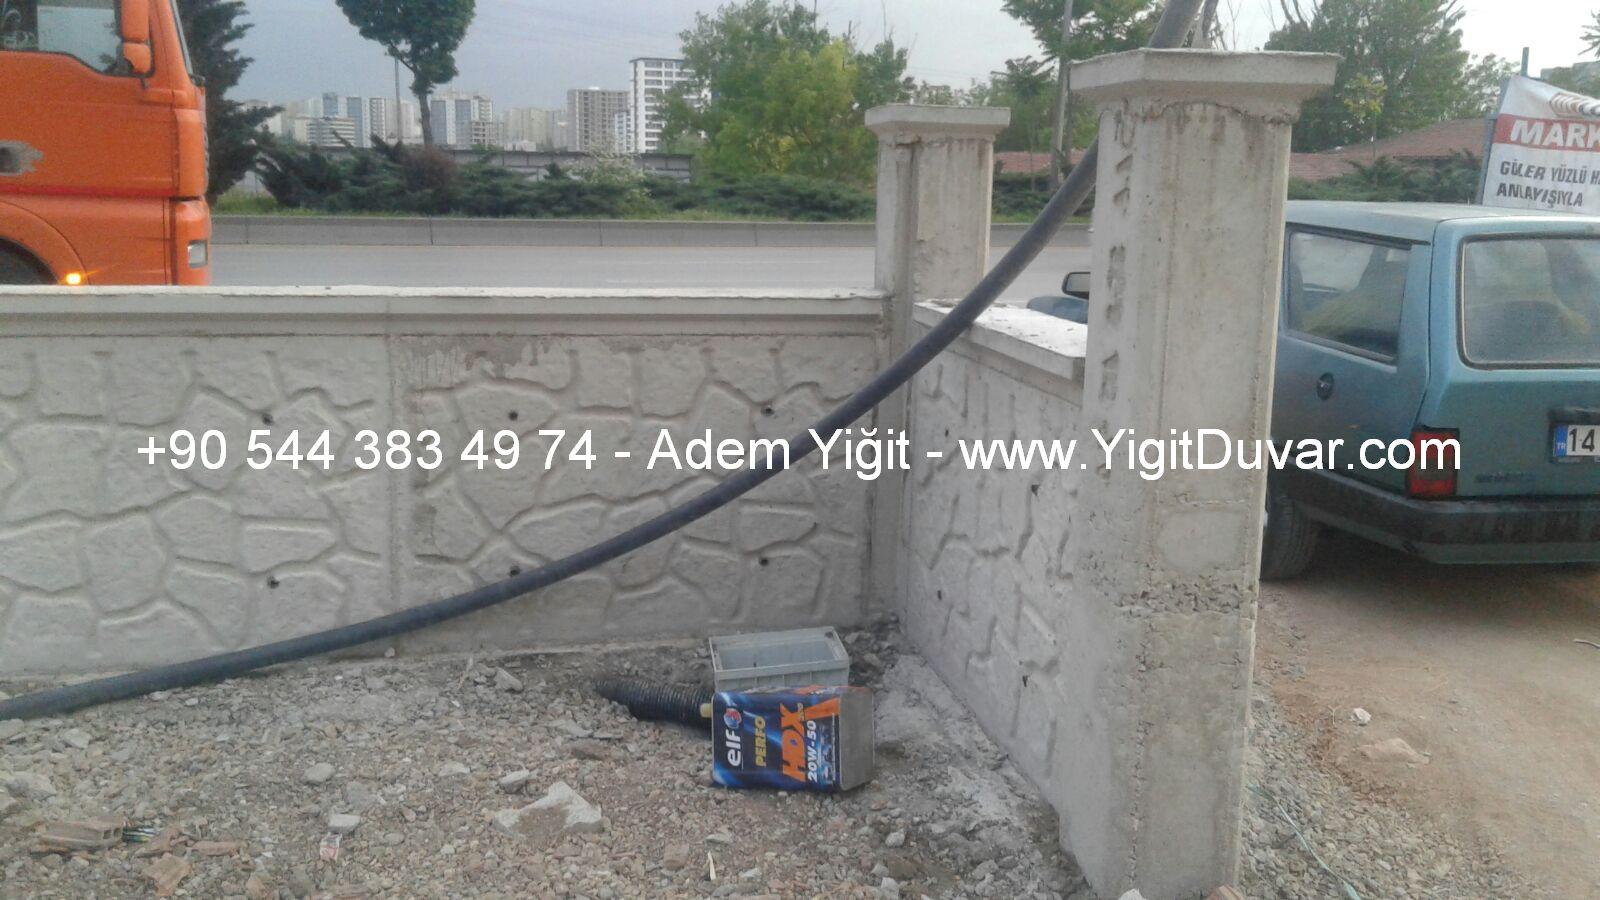 Ankara-duvar-ustasi-IMG-20180524-WA0104